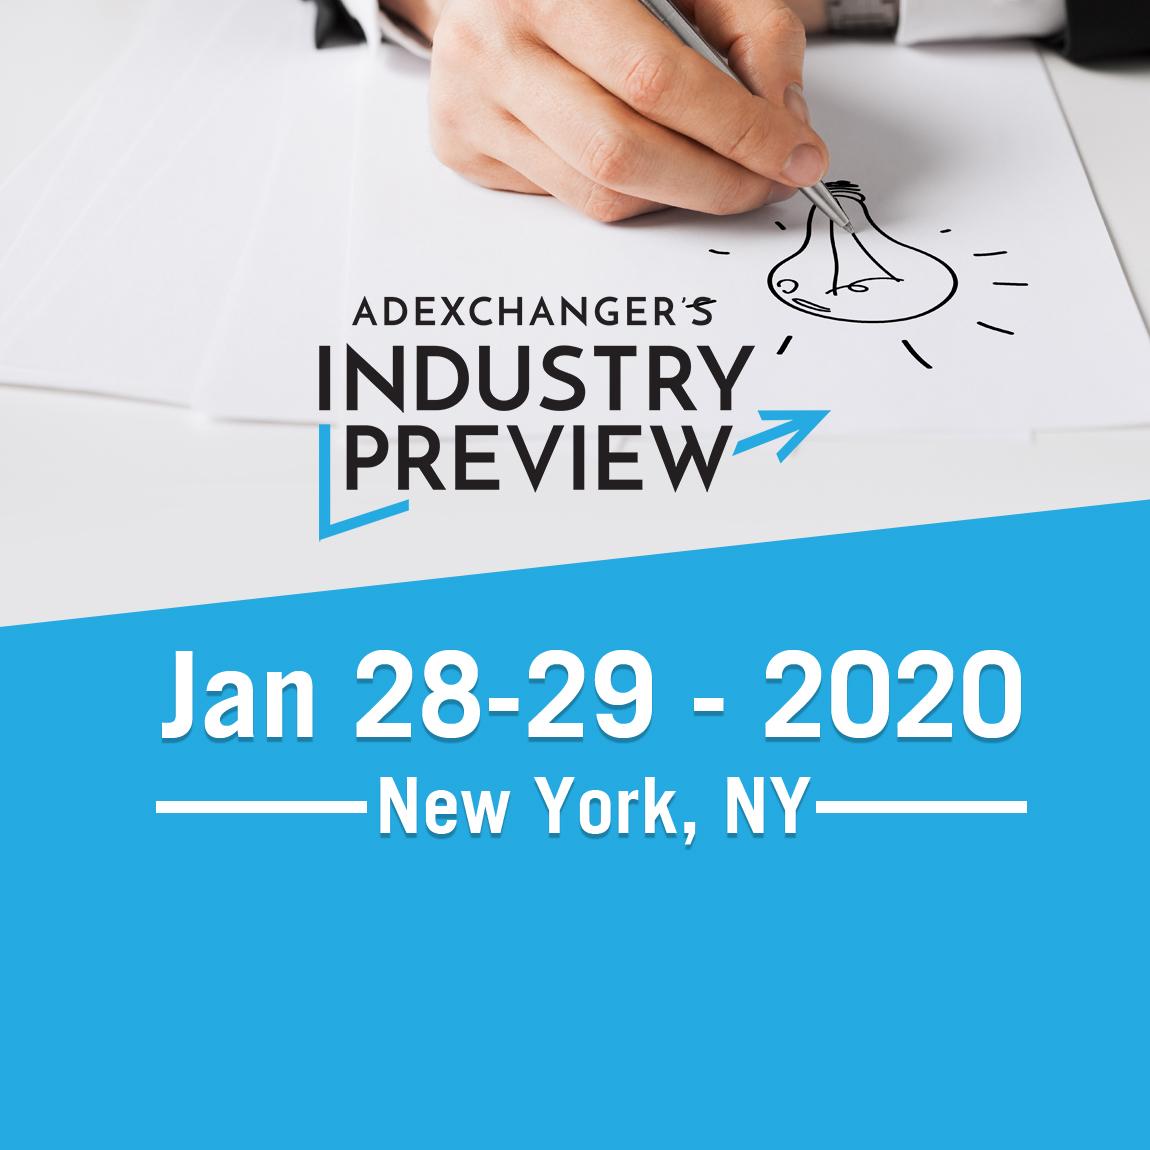 AdExchanger's Industry